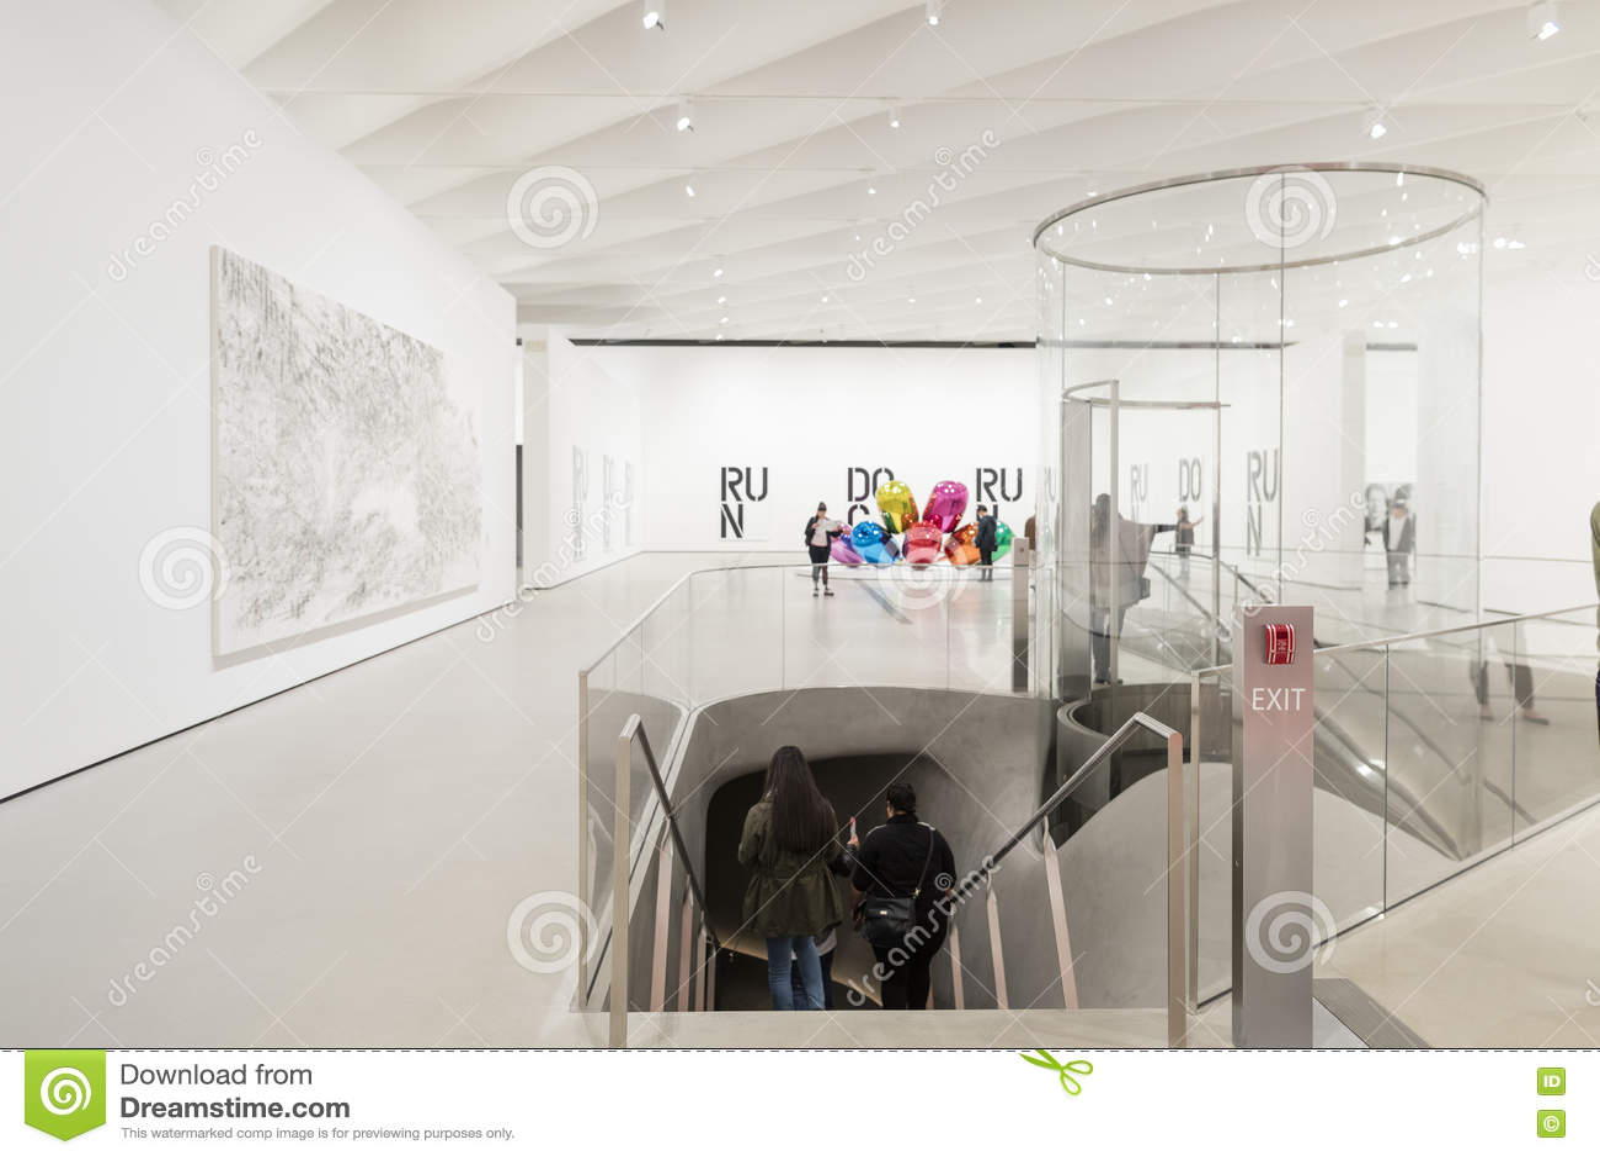 Интерьер обширного музея современного искусства